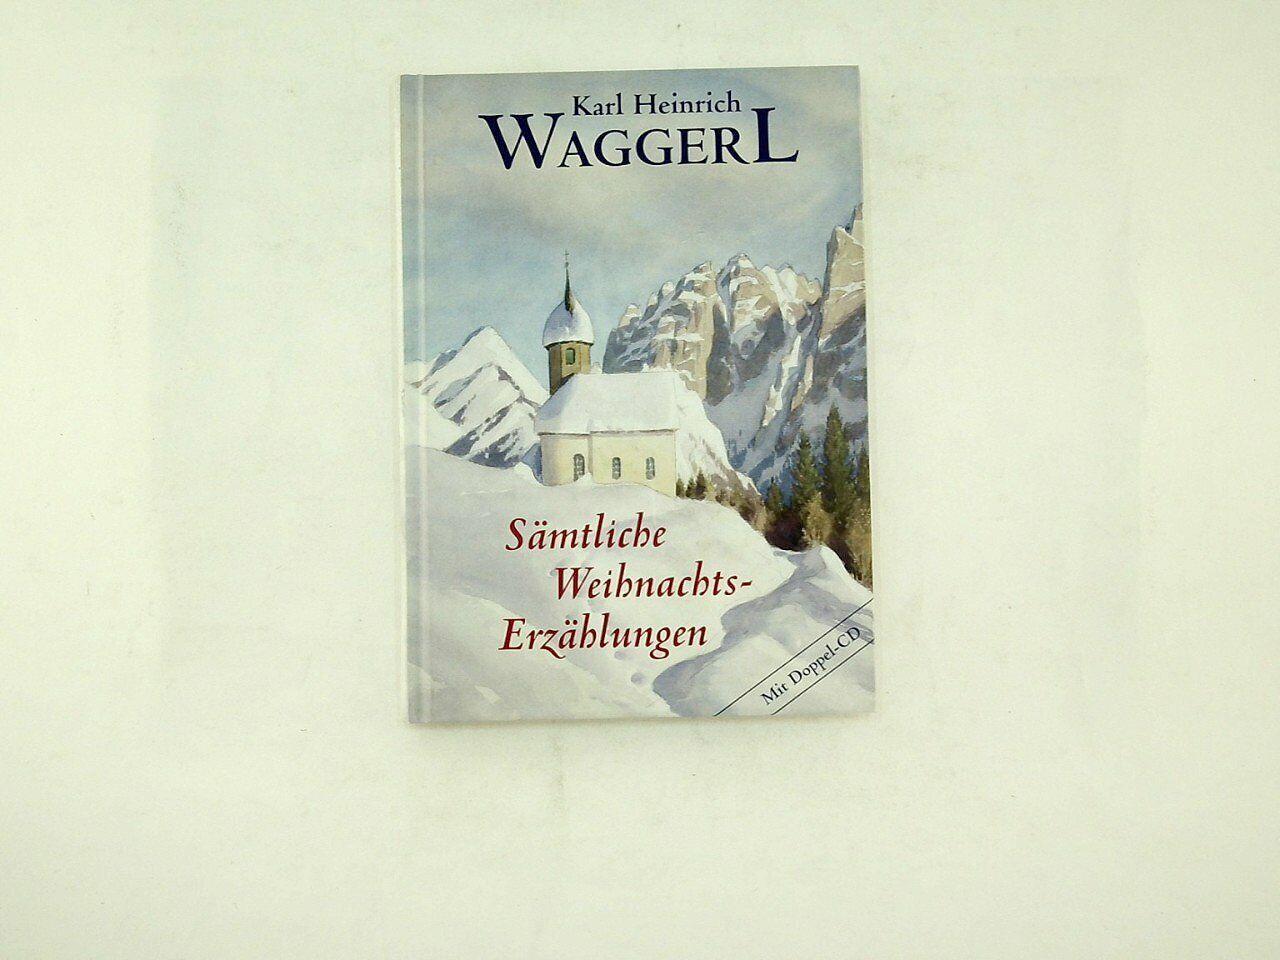 Karl Heinrich Waggerl - Sämtliche Weihnachts Erzählungen ohne CD - 2005